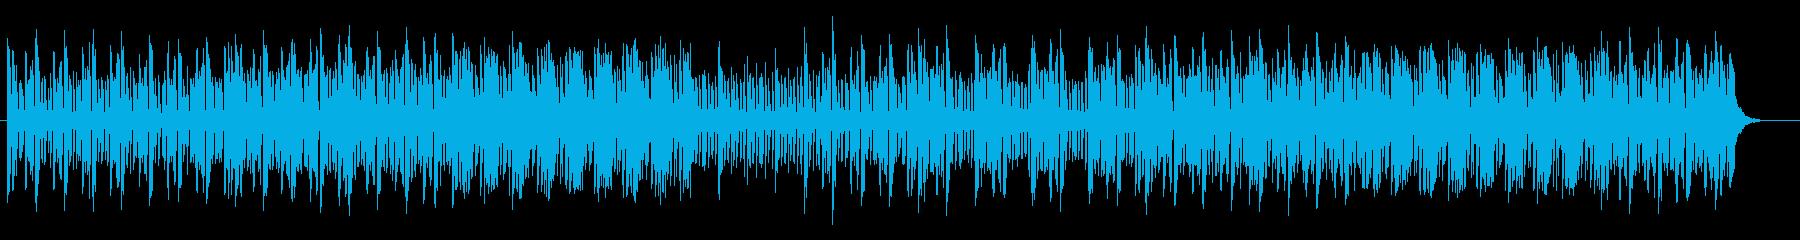 アップテンポのエレクトロポップスの再生済みの波形